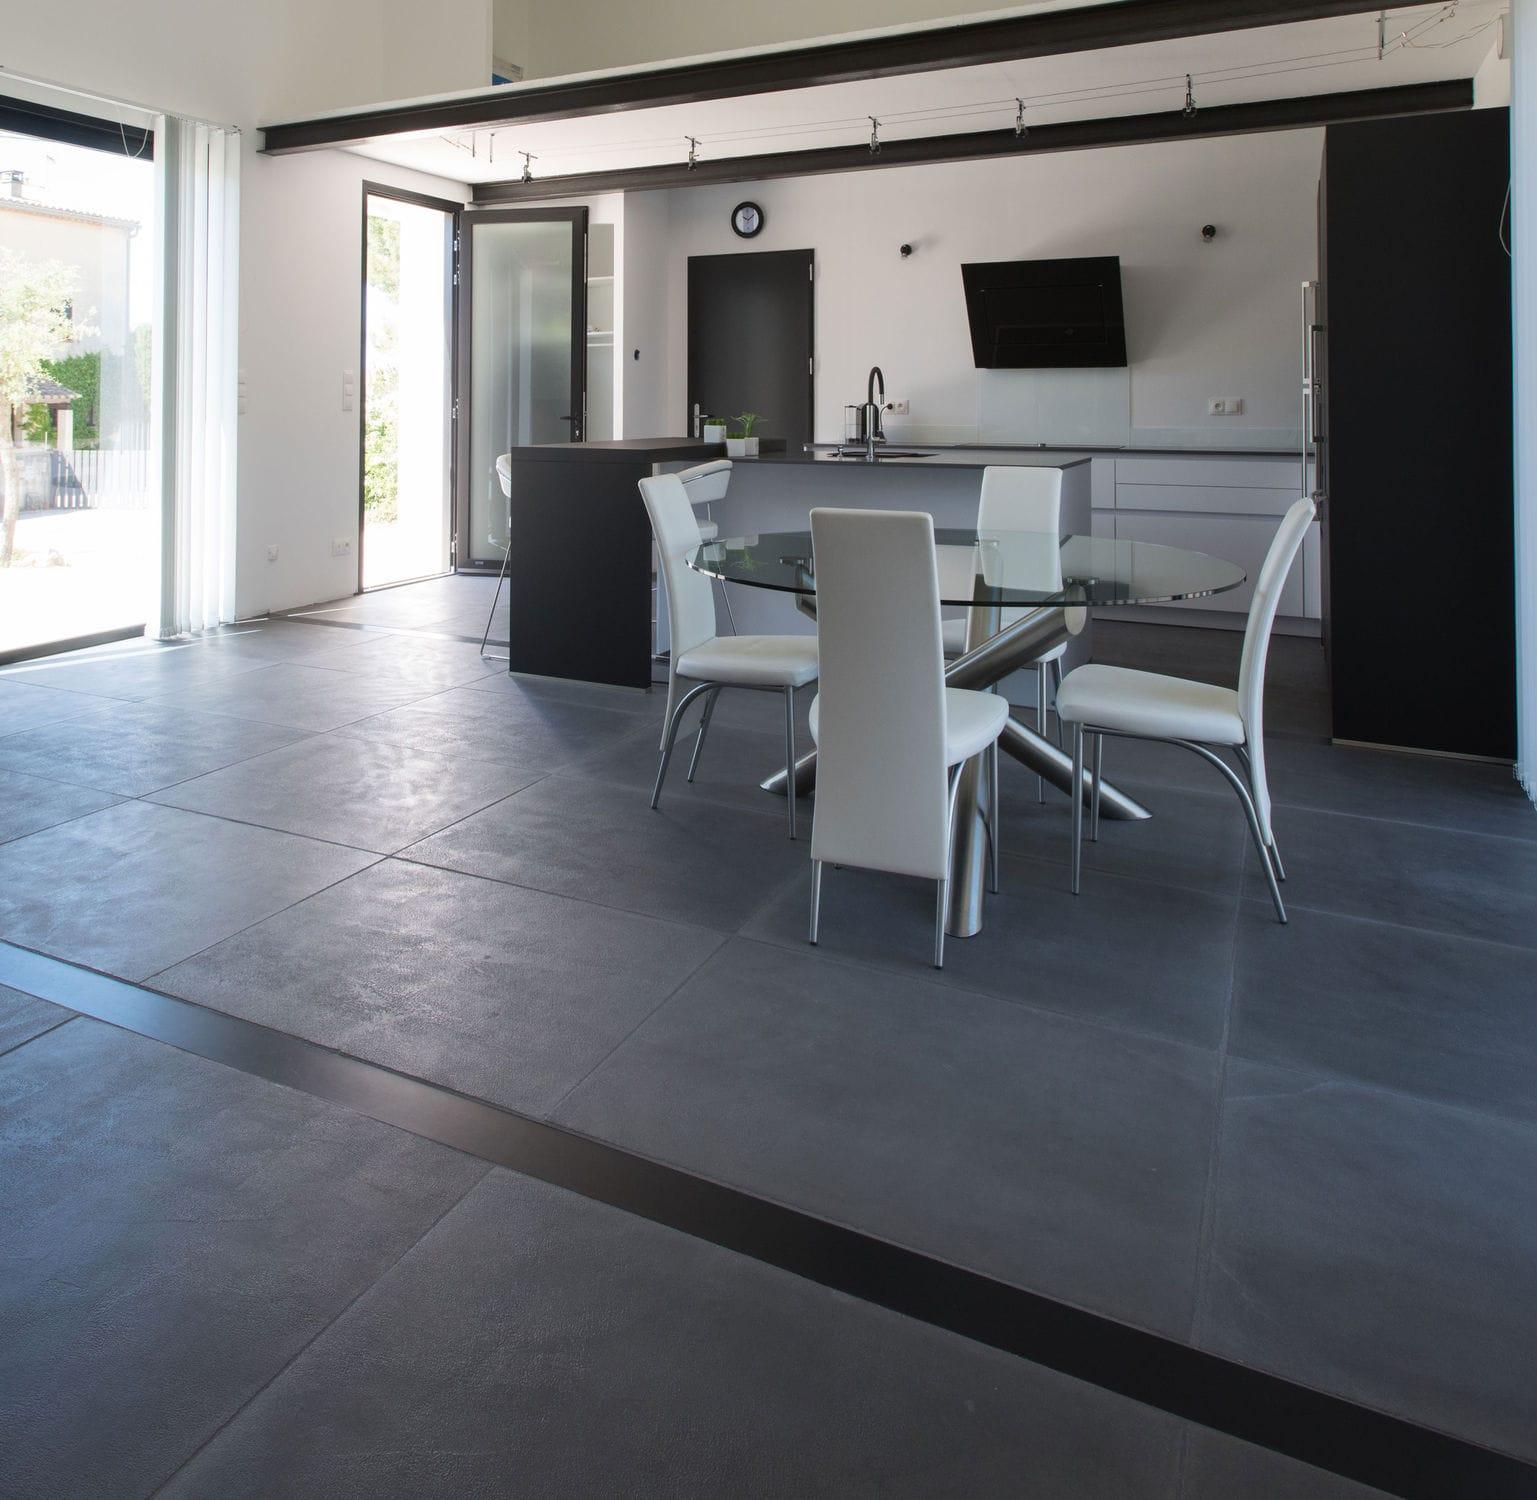 Sol En Beton Interieur carrelage d'intérieur / de sol / en béton / mat